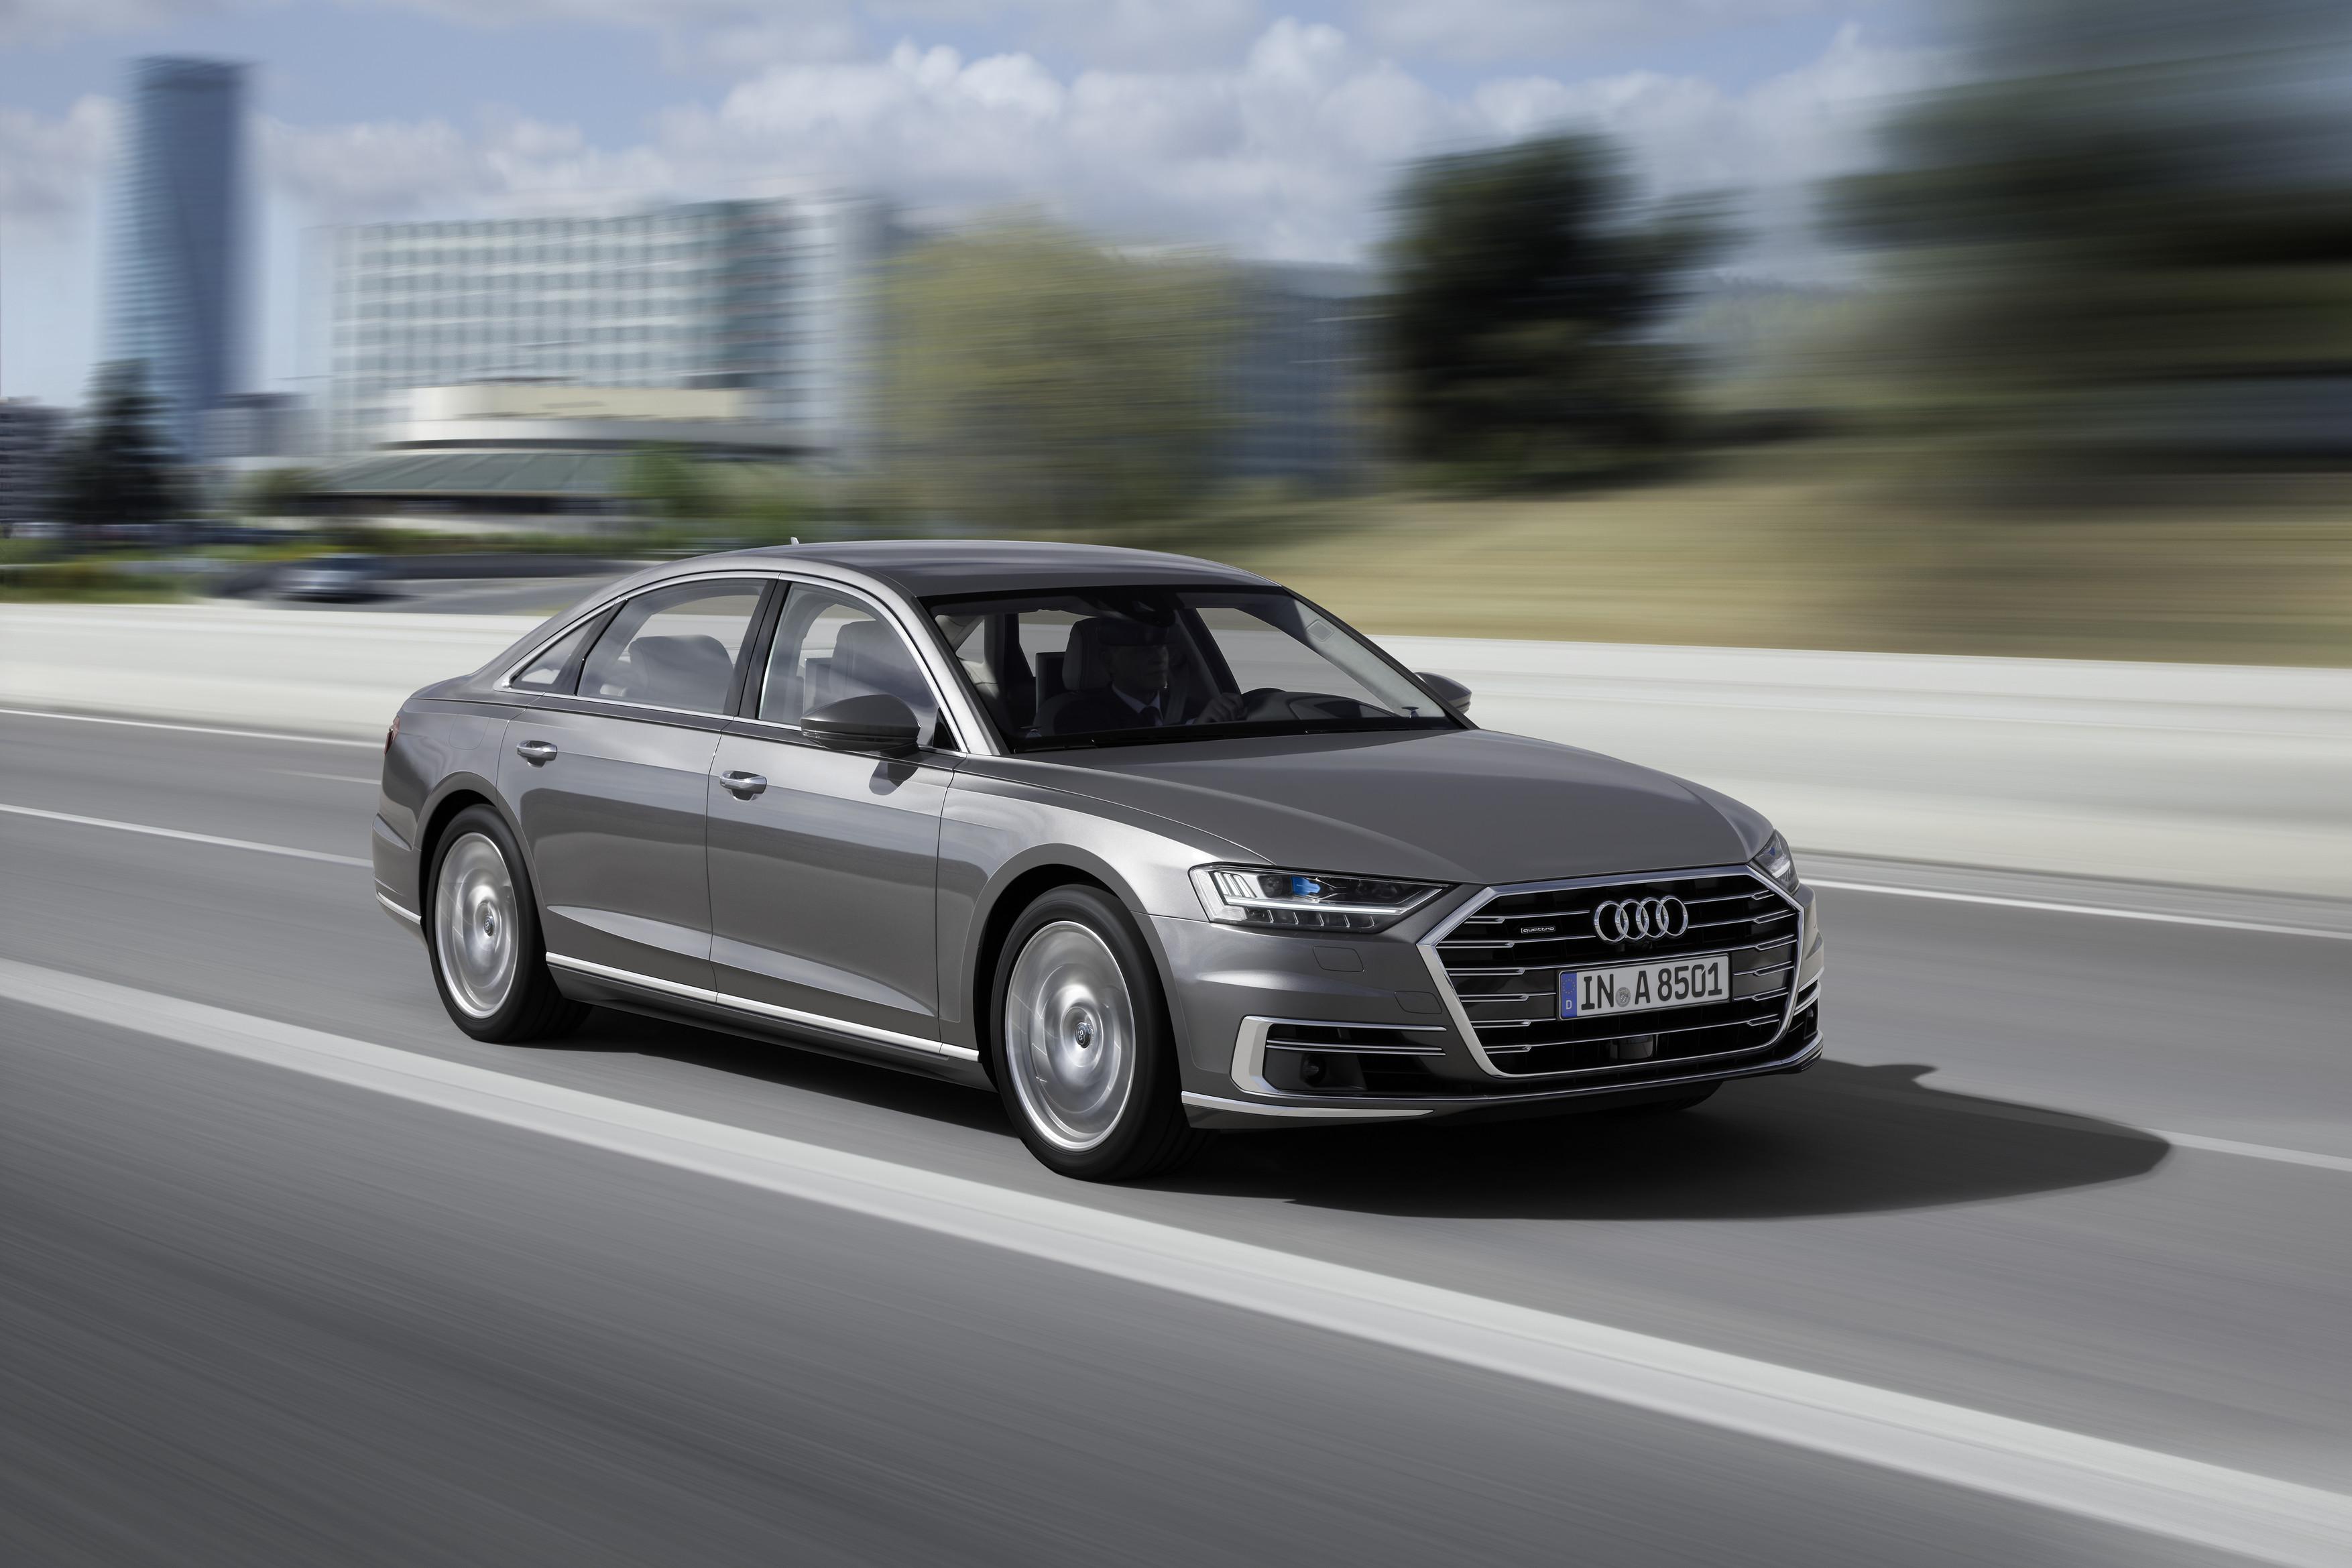 Audi A8 - kép forrása: Audi Media Center